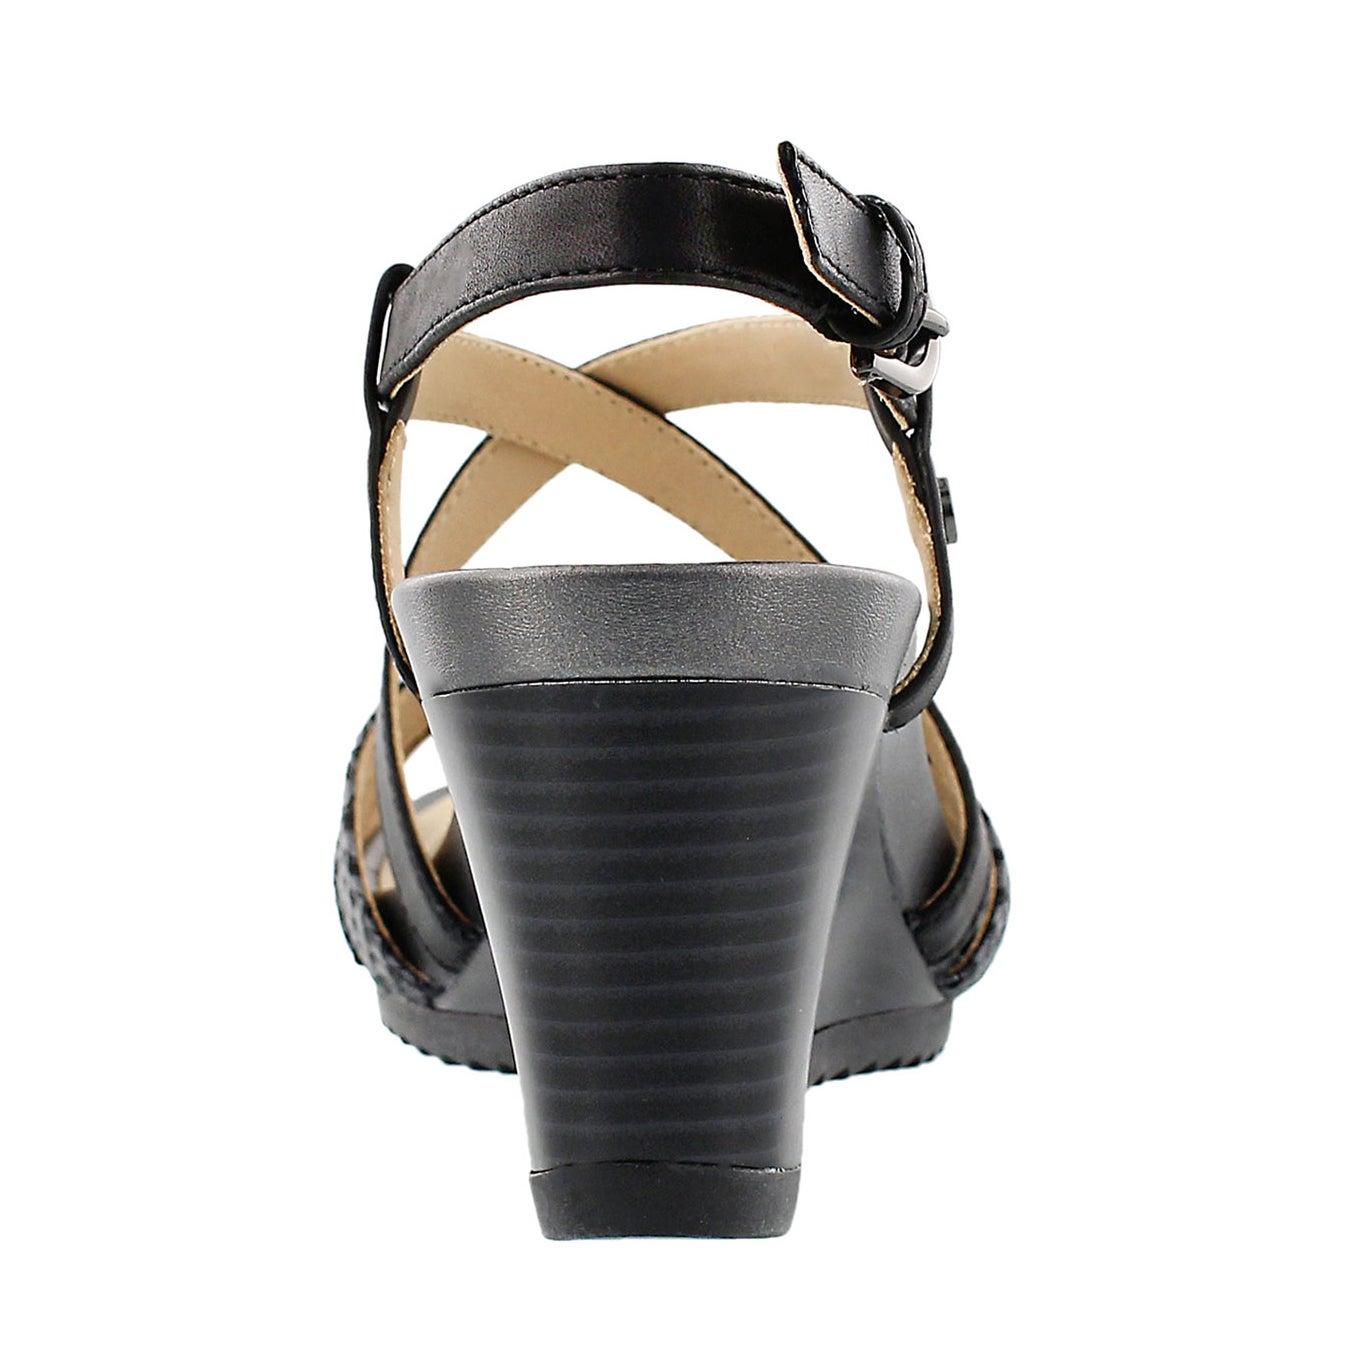 Sandale talon comp NEW RORIE, noir, fem